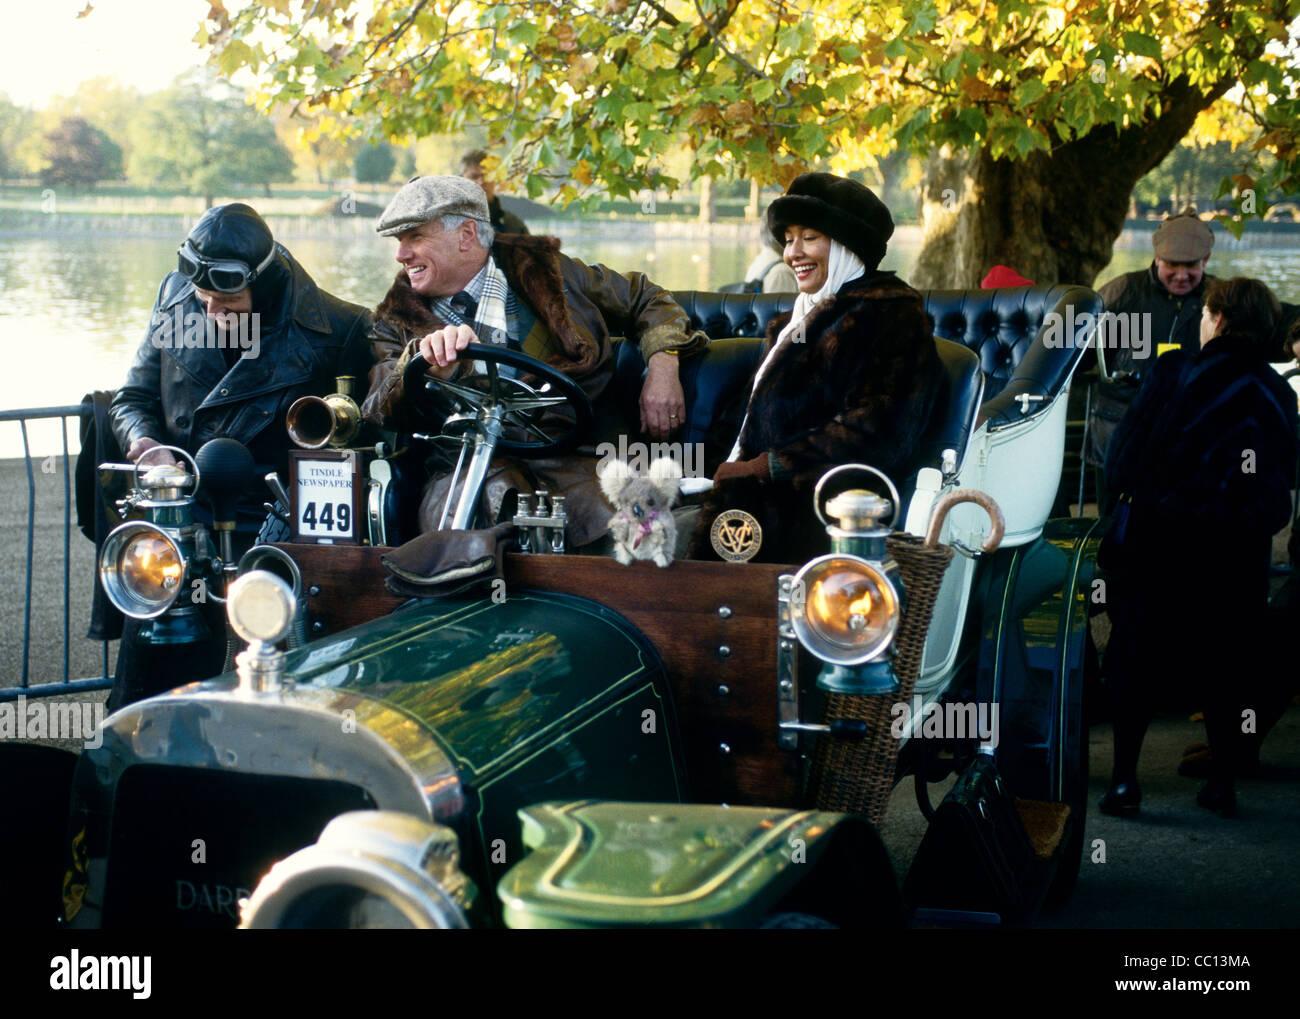 Warten auf den Beginn der jährlichen Oldtimer-Rennen - London to Brighton. UK Stockbild